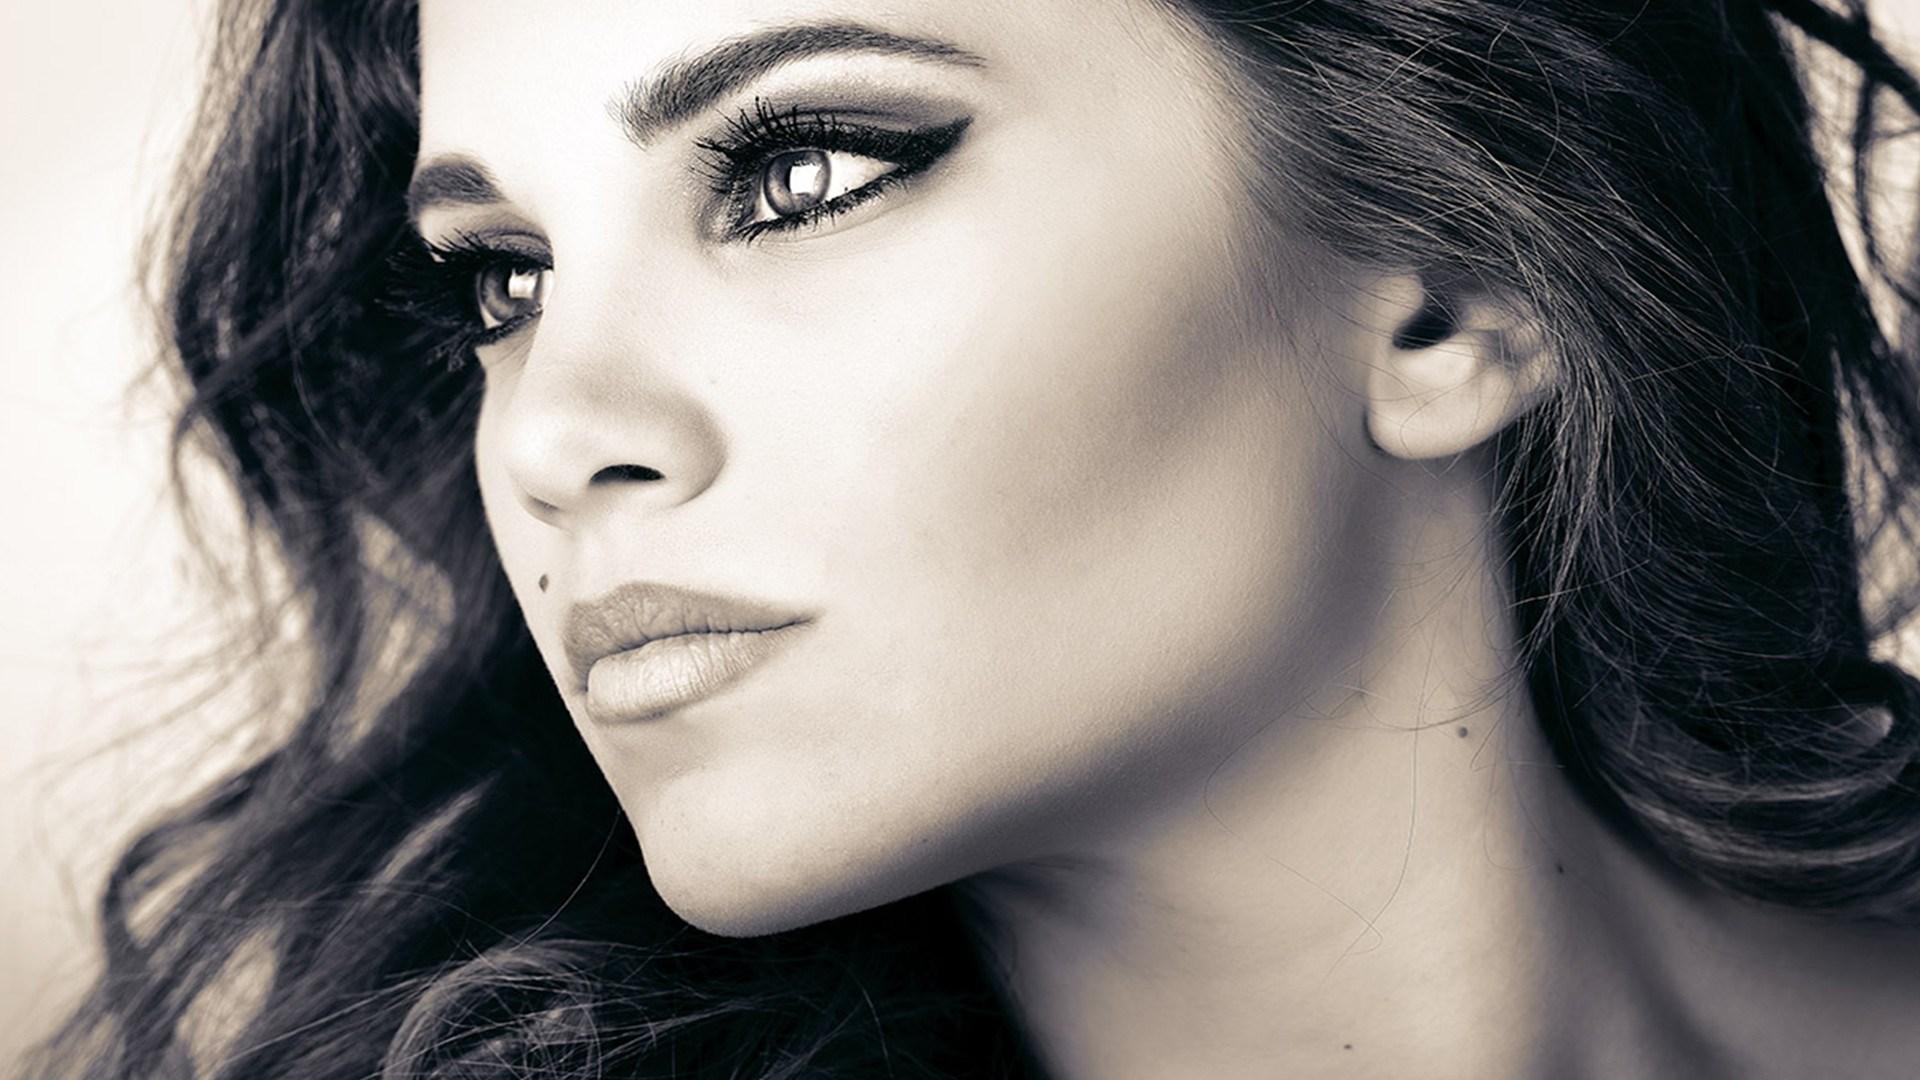 Beauty Portrait Girl